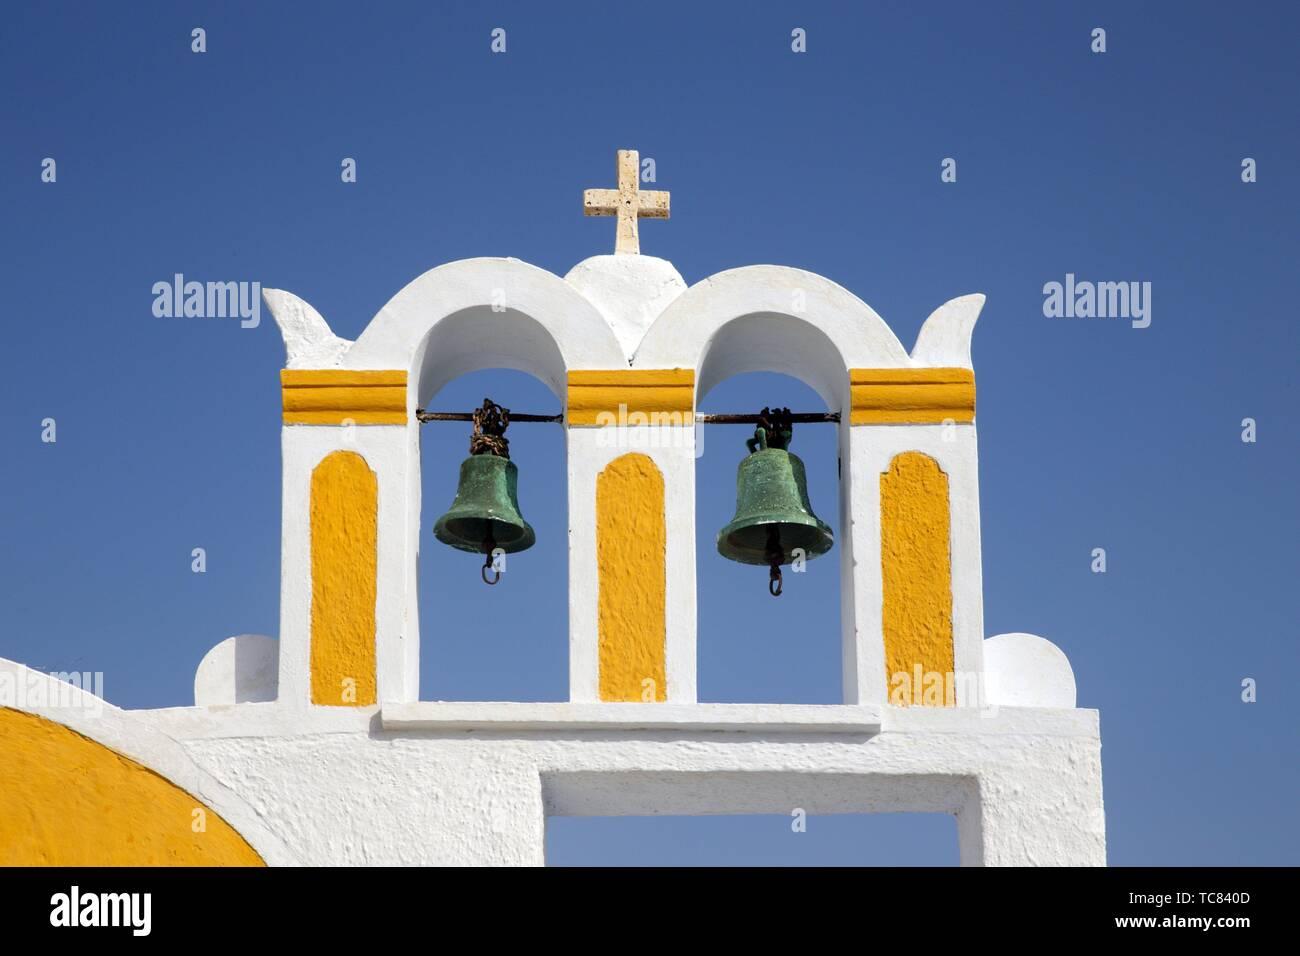 Clocher d'une église à Oia, Santorin, Grèce, Europe. Banque D'Images